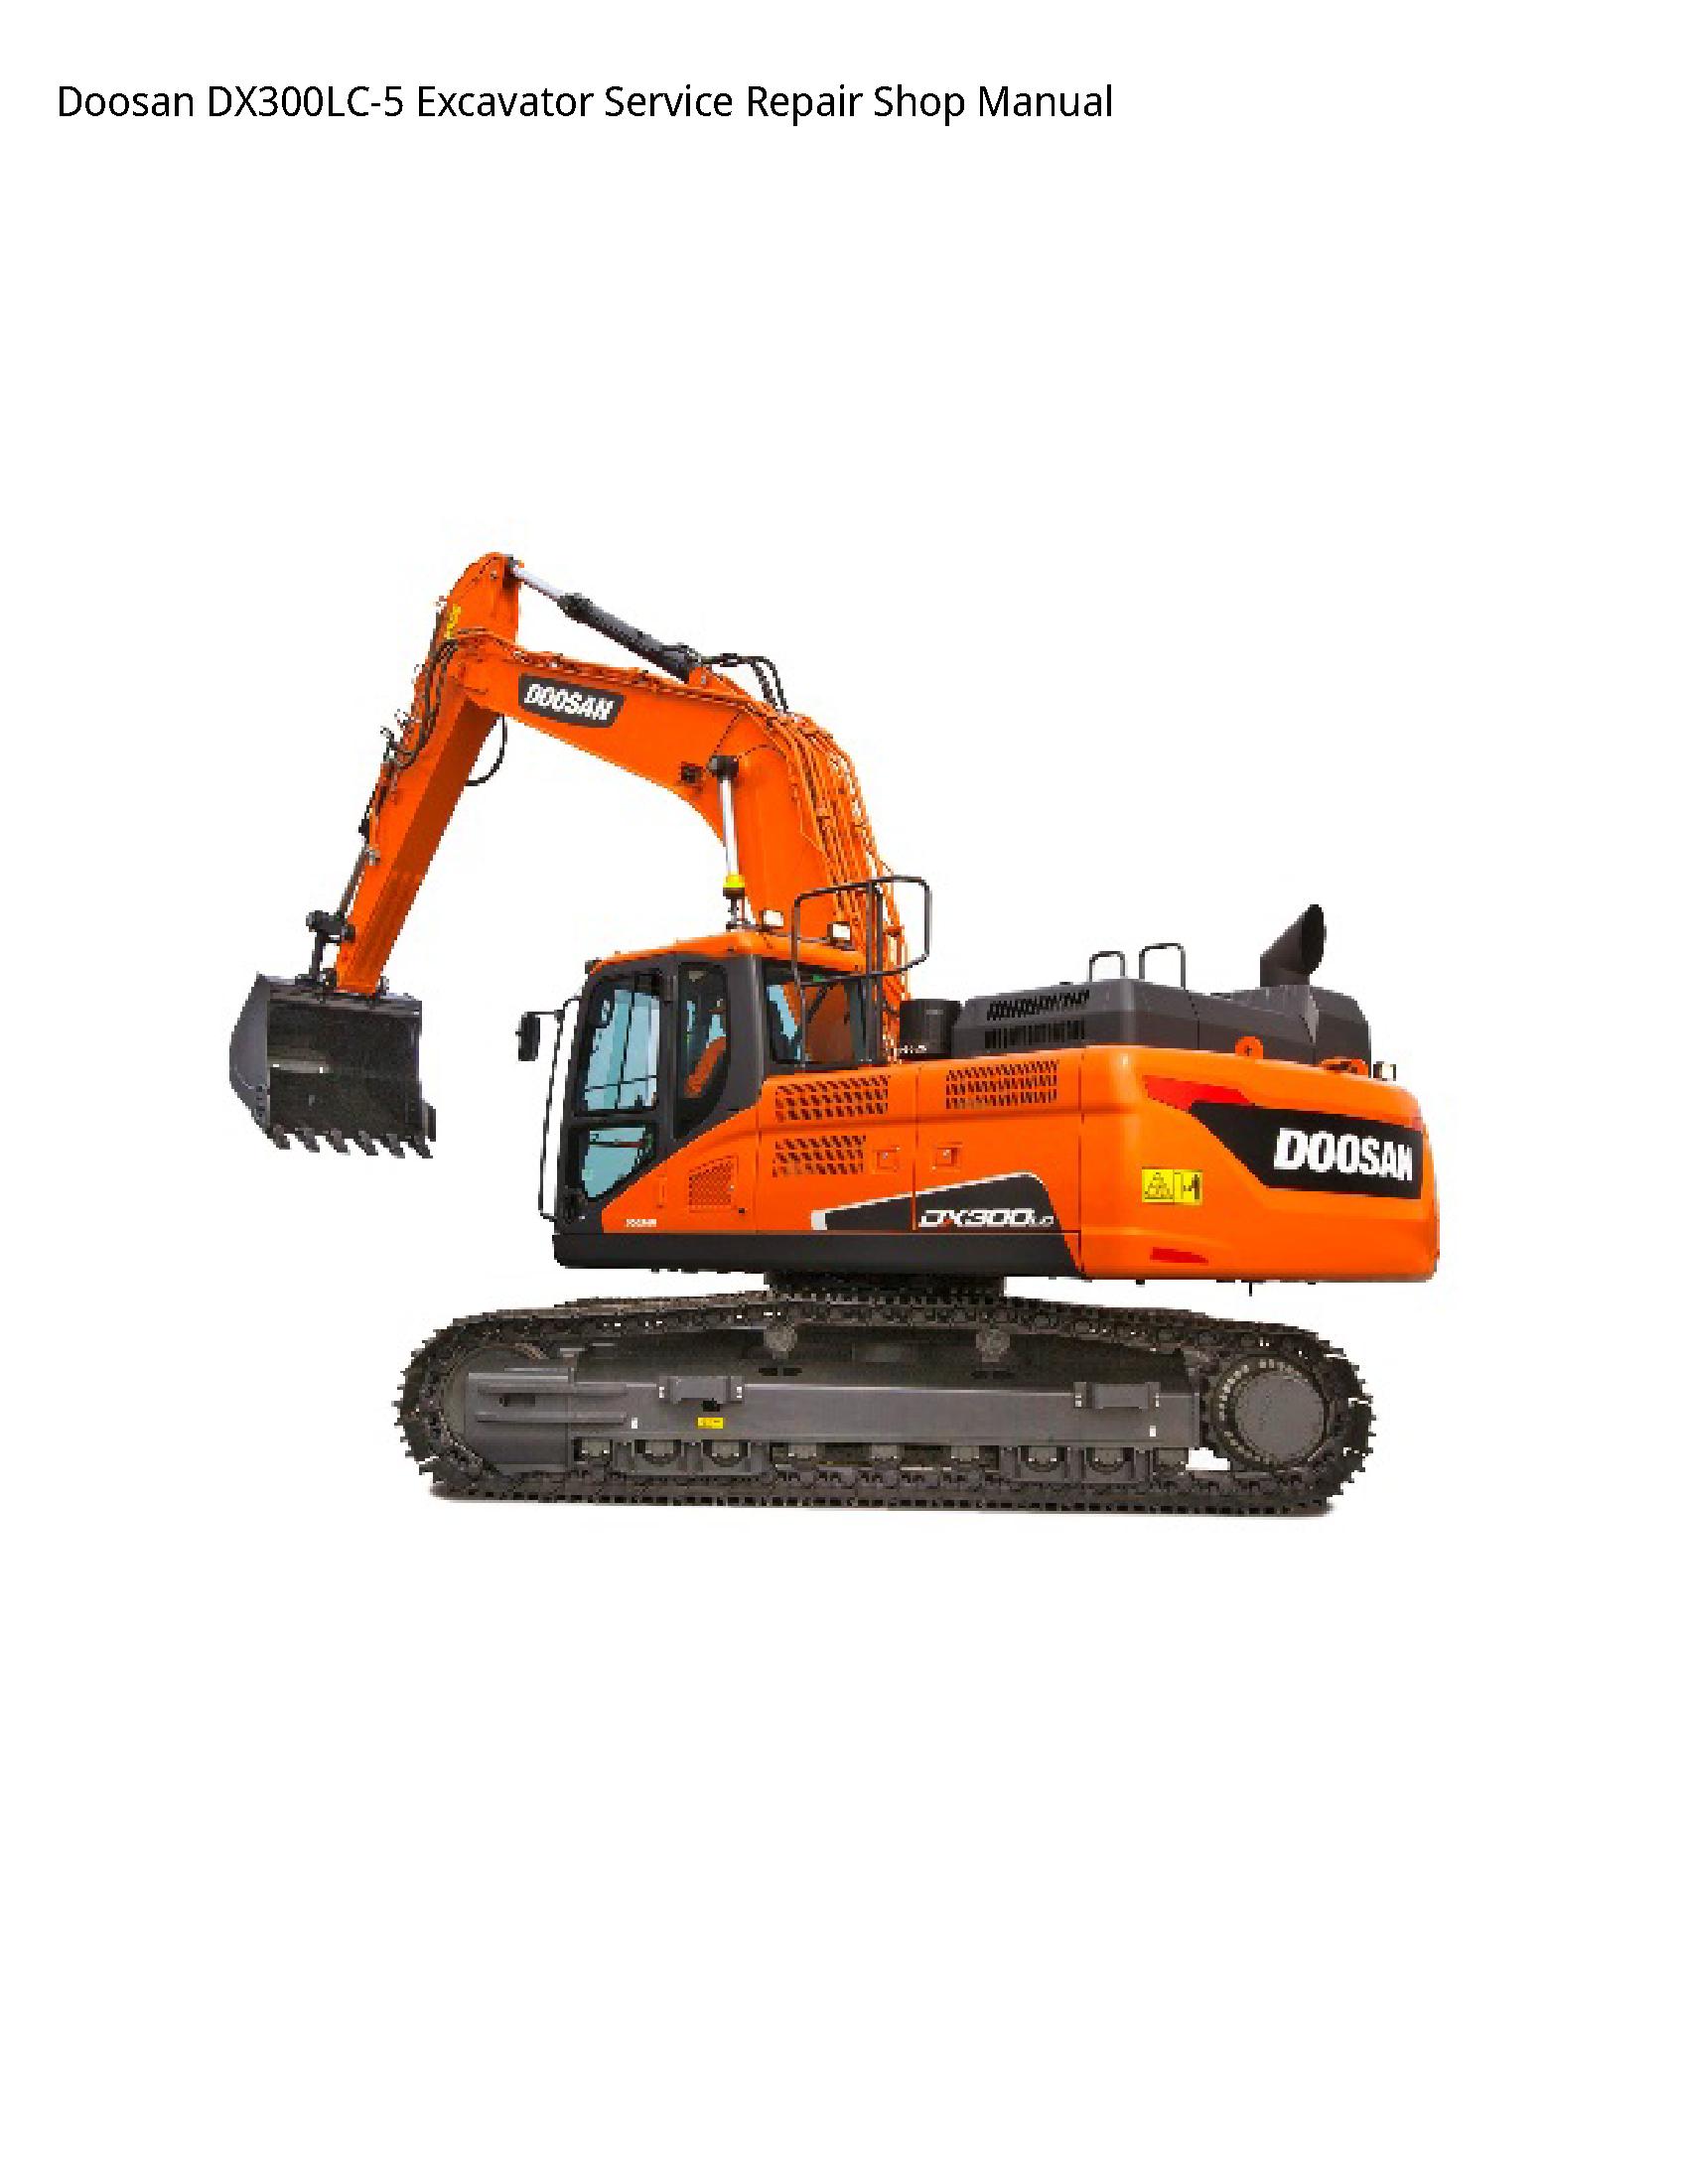 Doosan DX300LC-5 Excavator manual